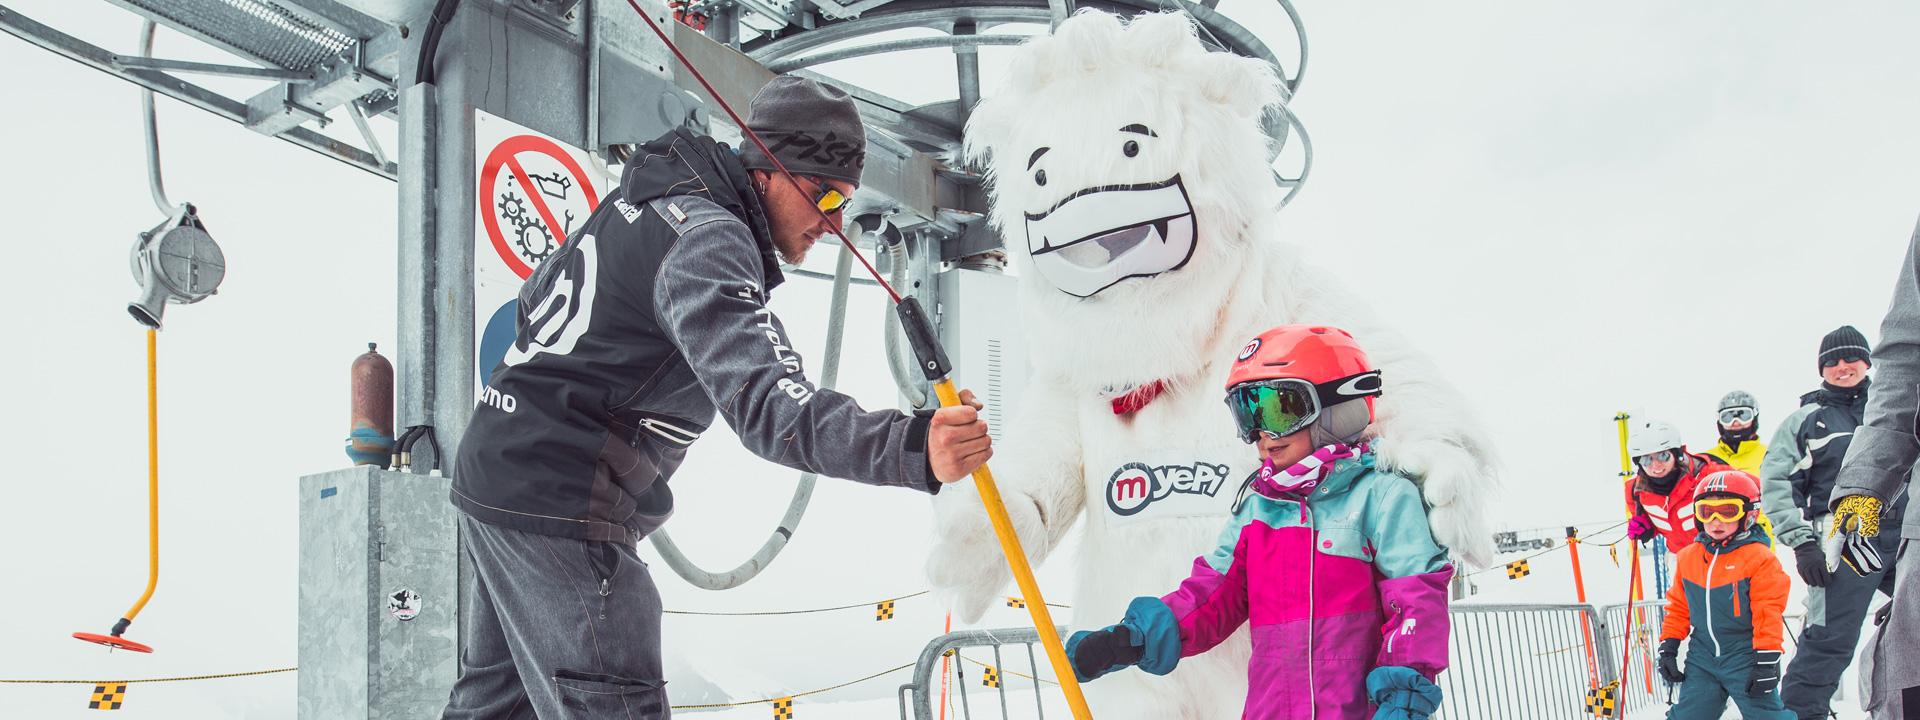 Bambina con Yepi al Campo Scuola della ski area Mottolino a Livigno